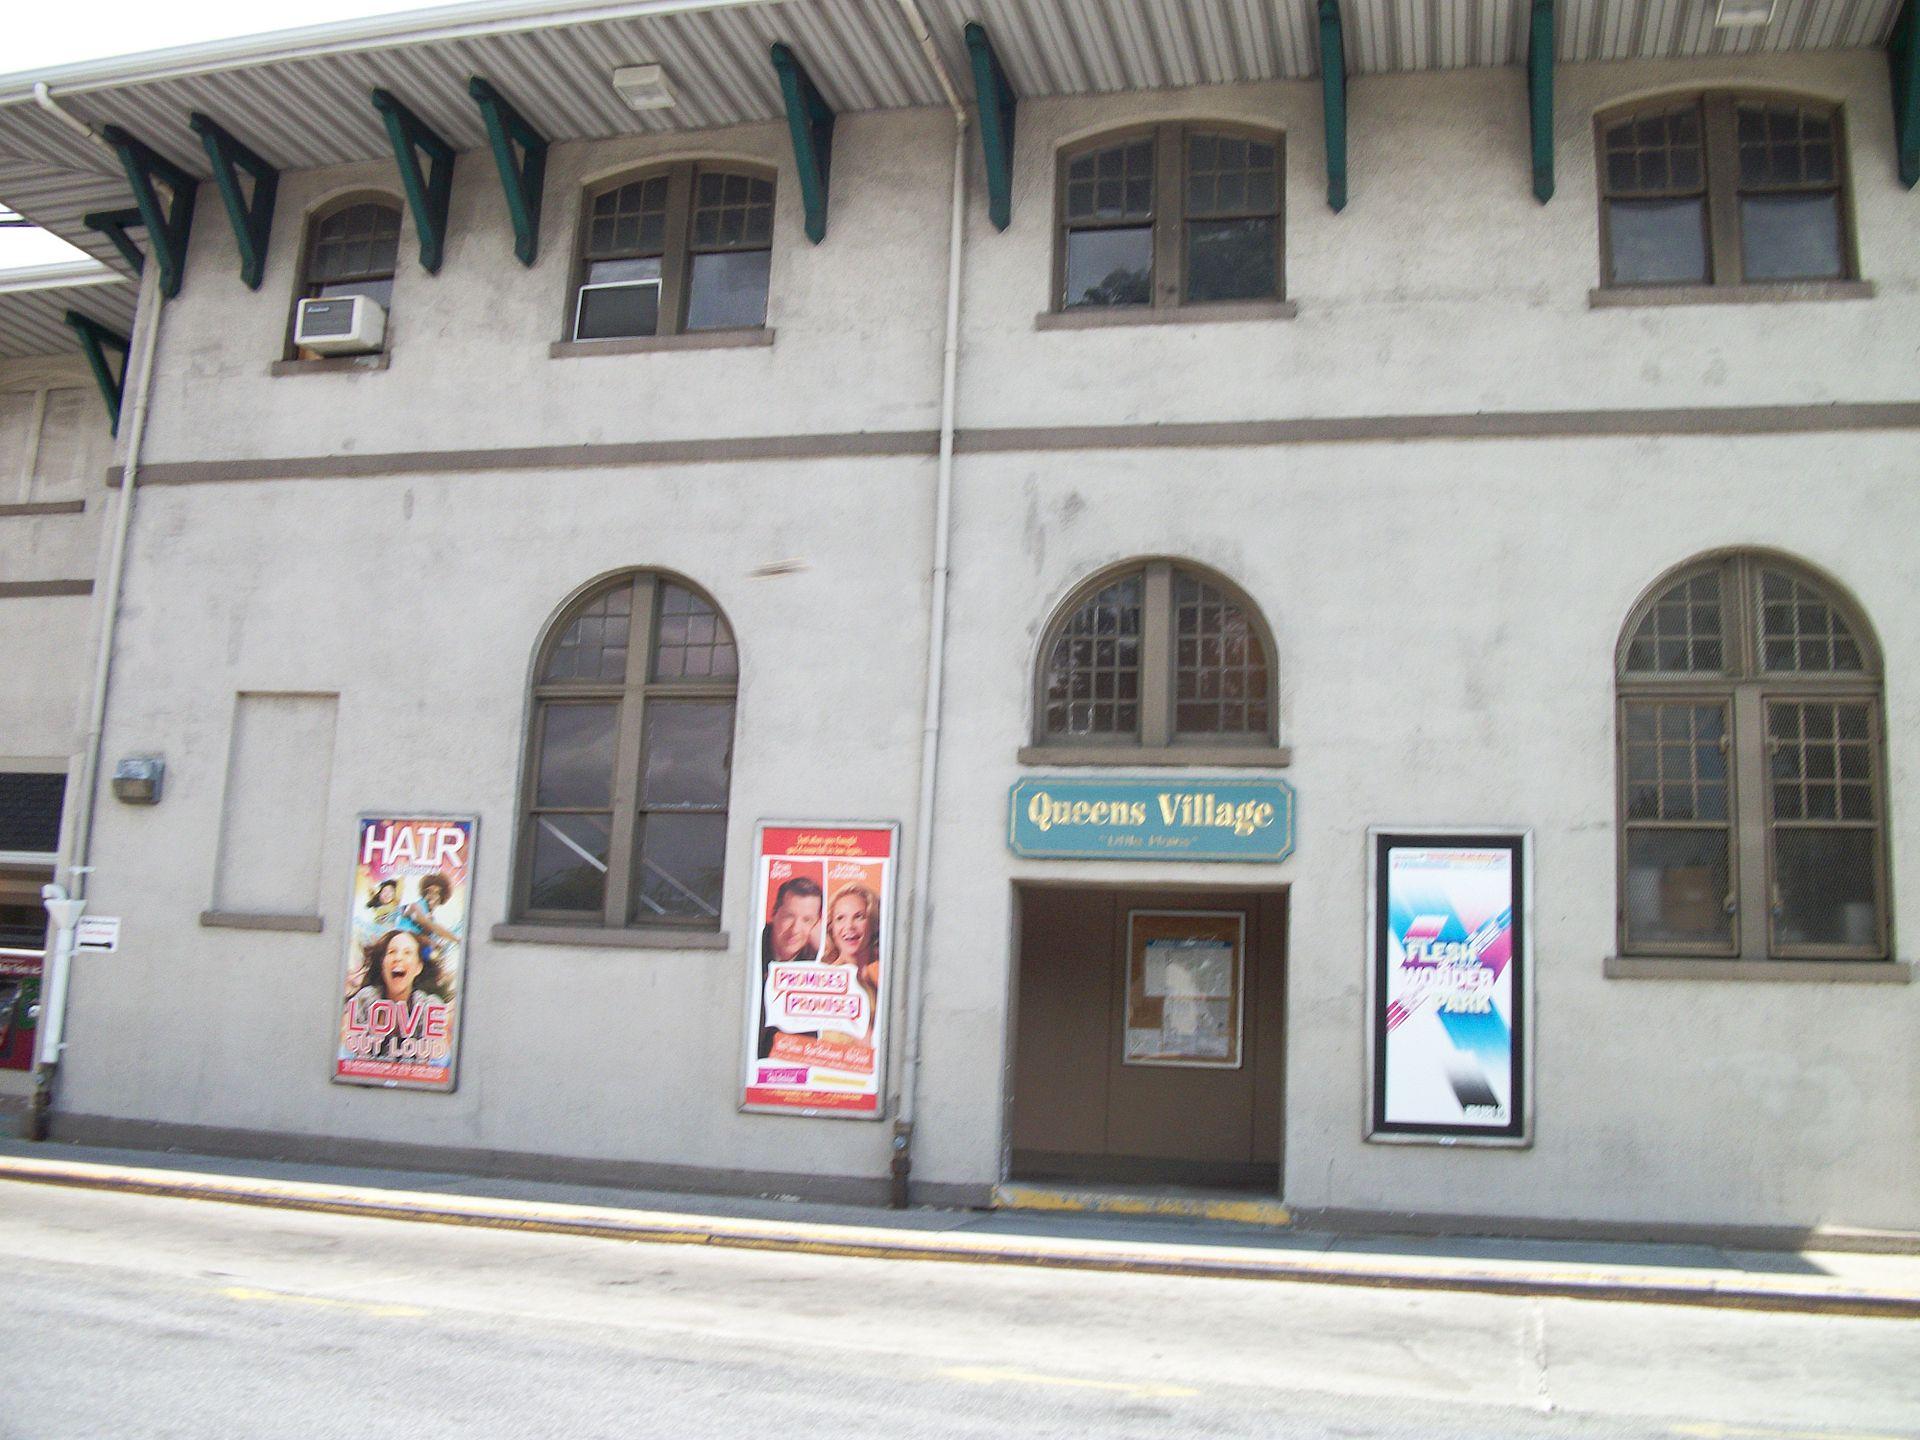 Queens Village Lirr Station Wikipedia